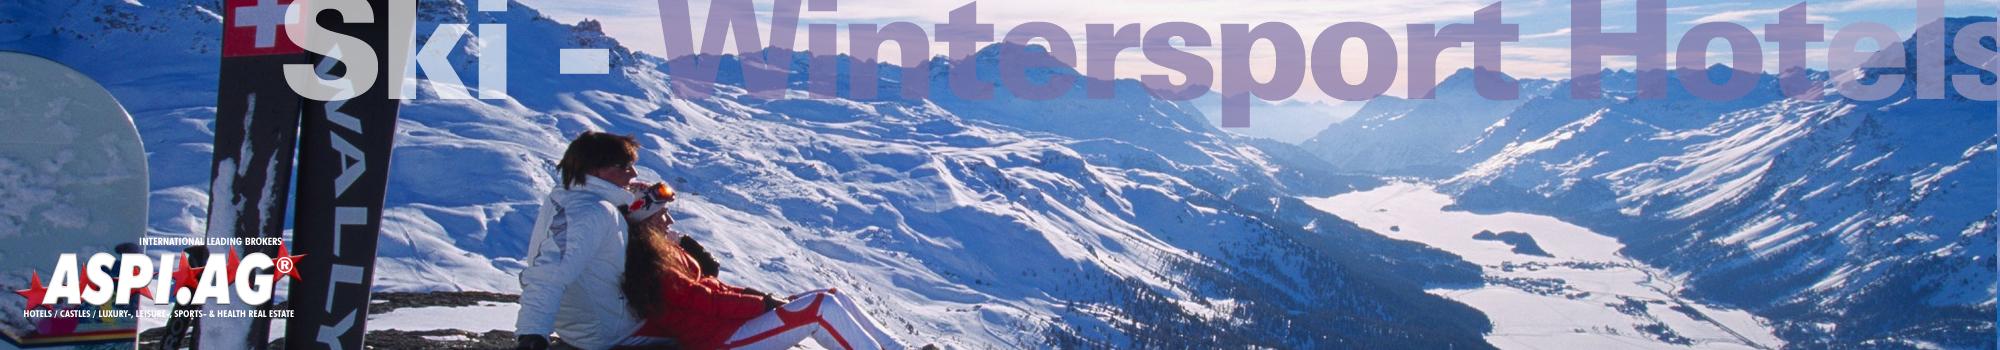 Skihotels Wintersporthotels for sale zu kaufen pachten bei ASP Hotelmakler